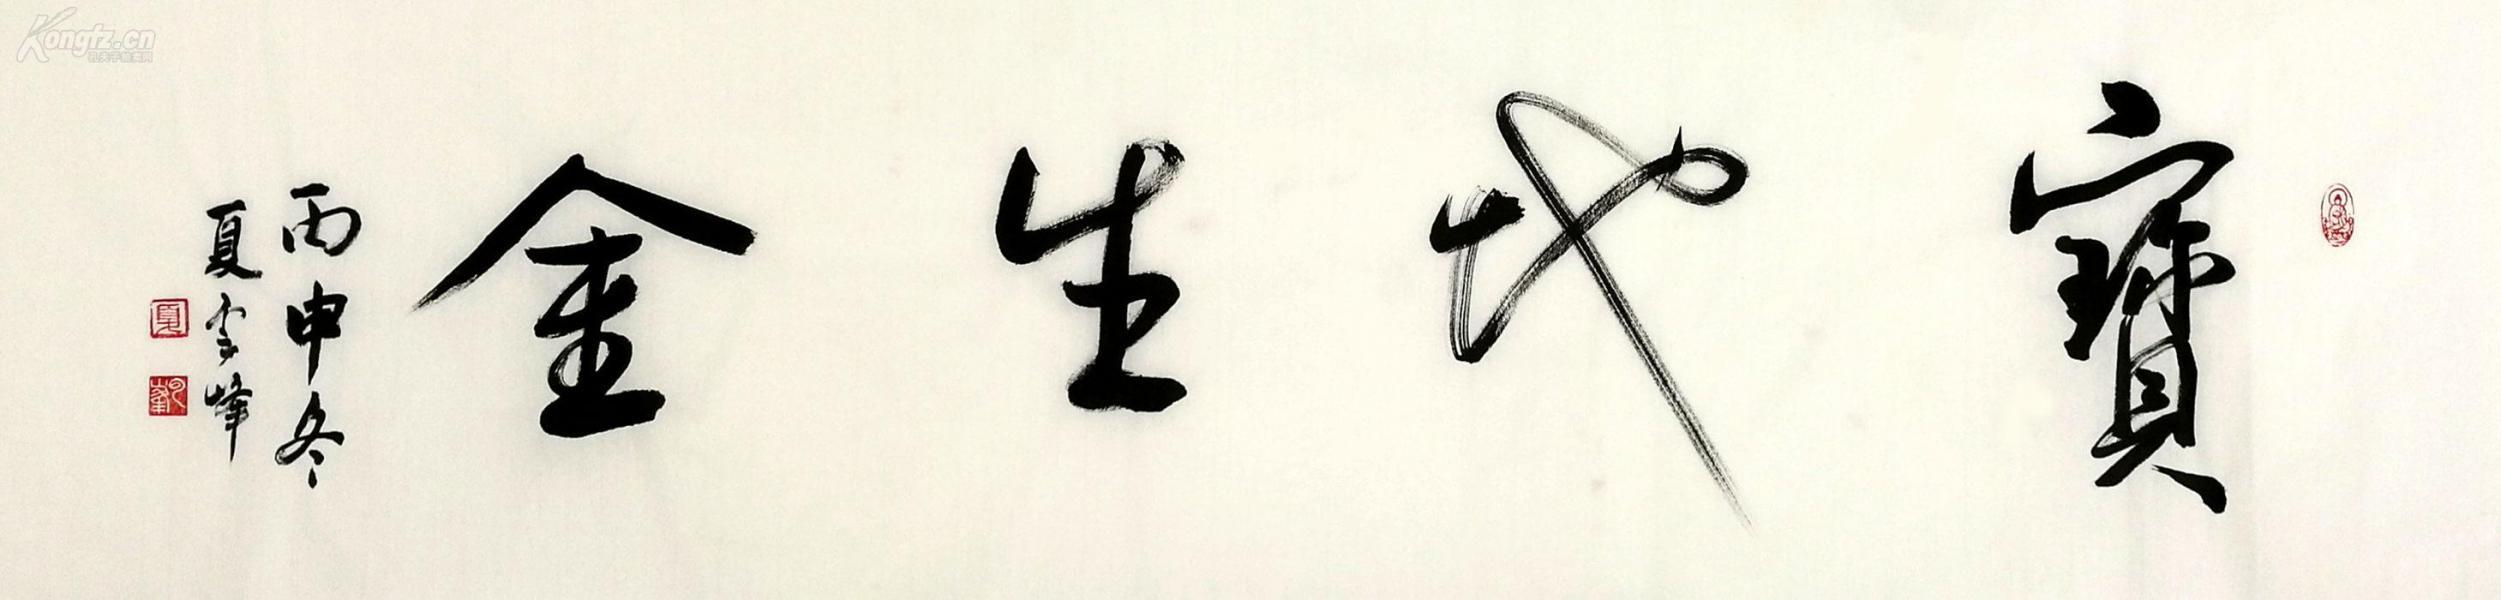 當代中年書畫家夏云峰作品正在低價上拍,無馬甲,歡迎大家光臨